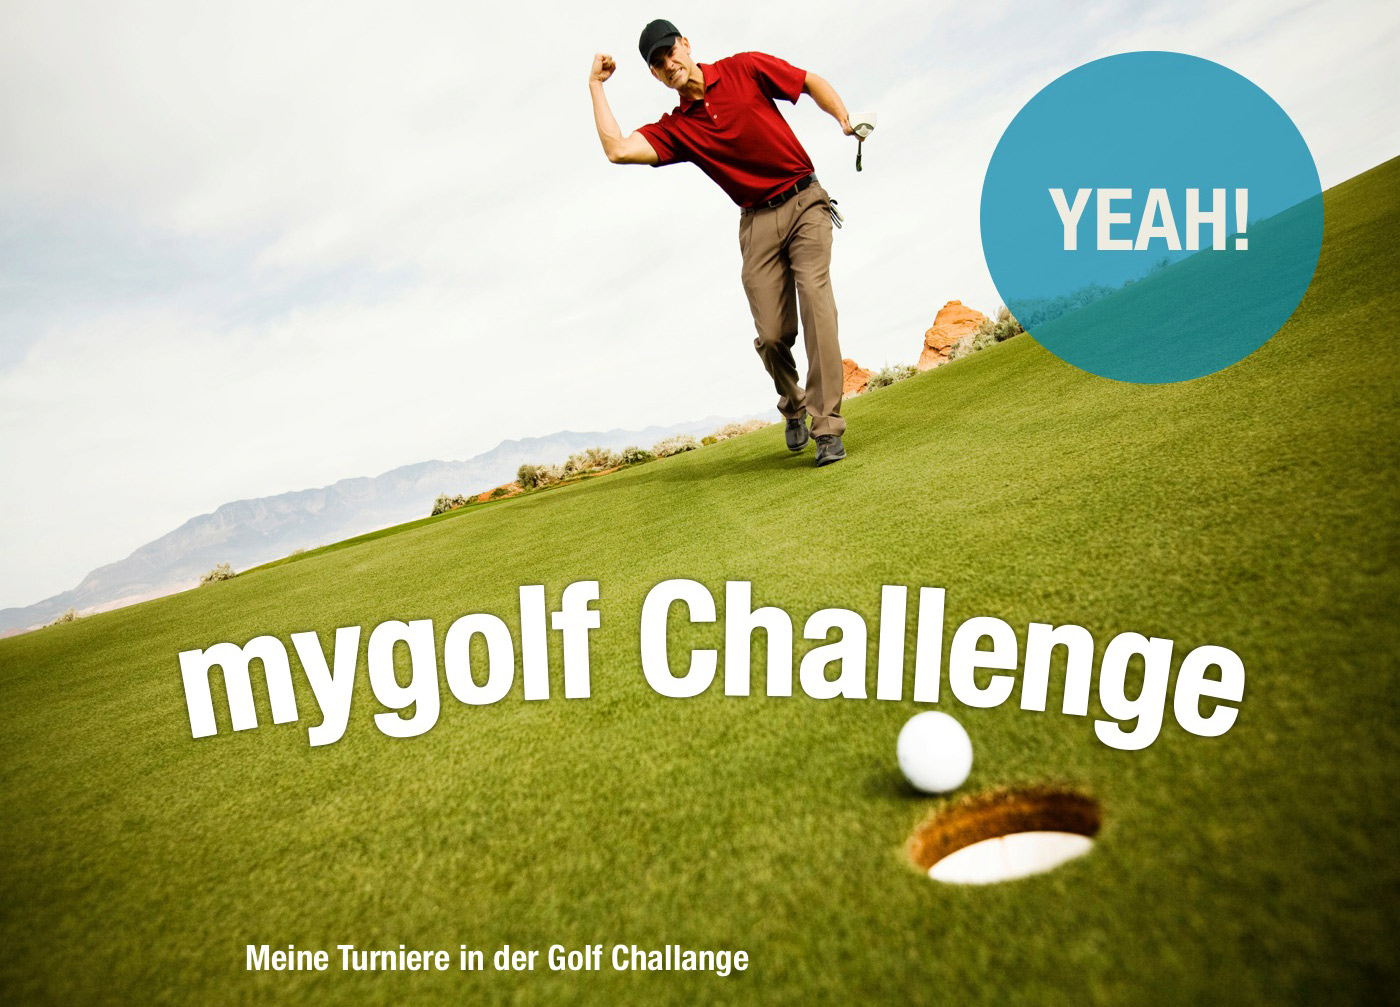 screendesign mygolf challenge turniere